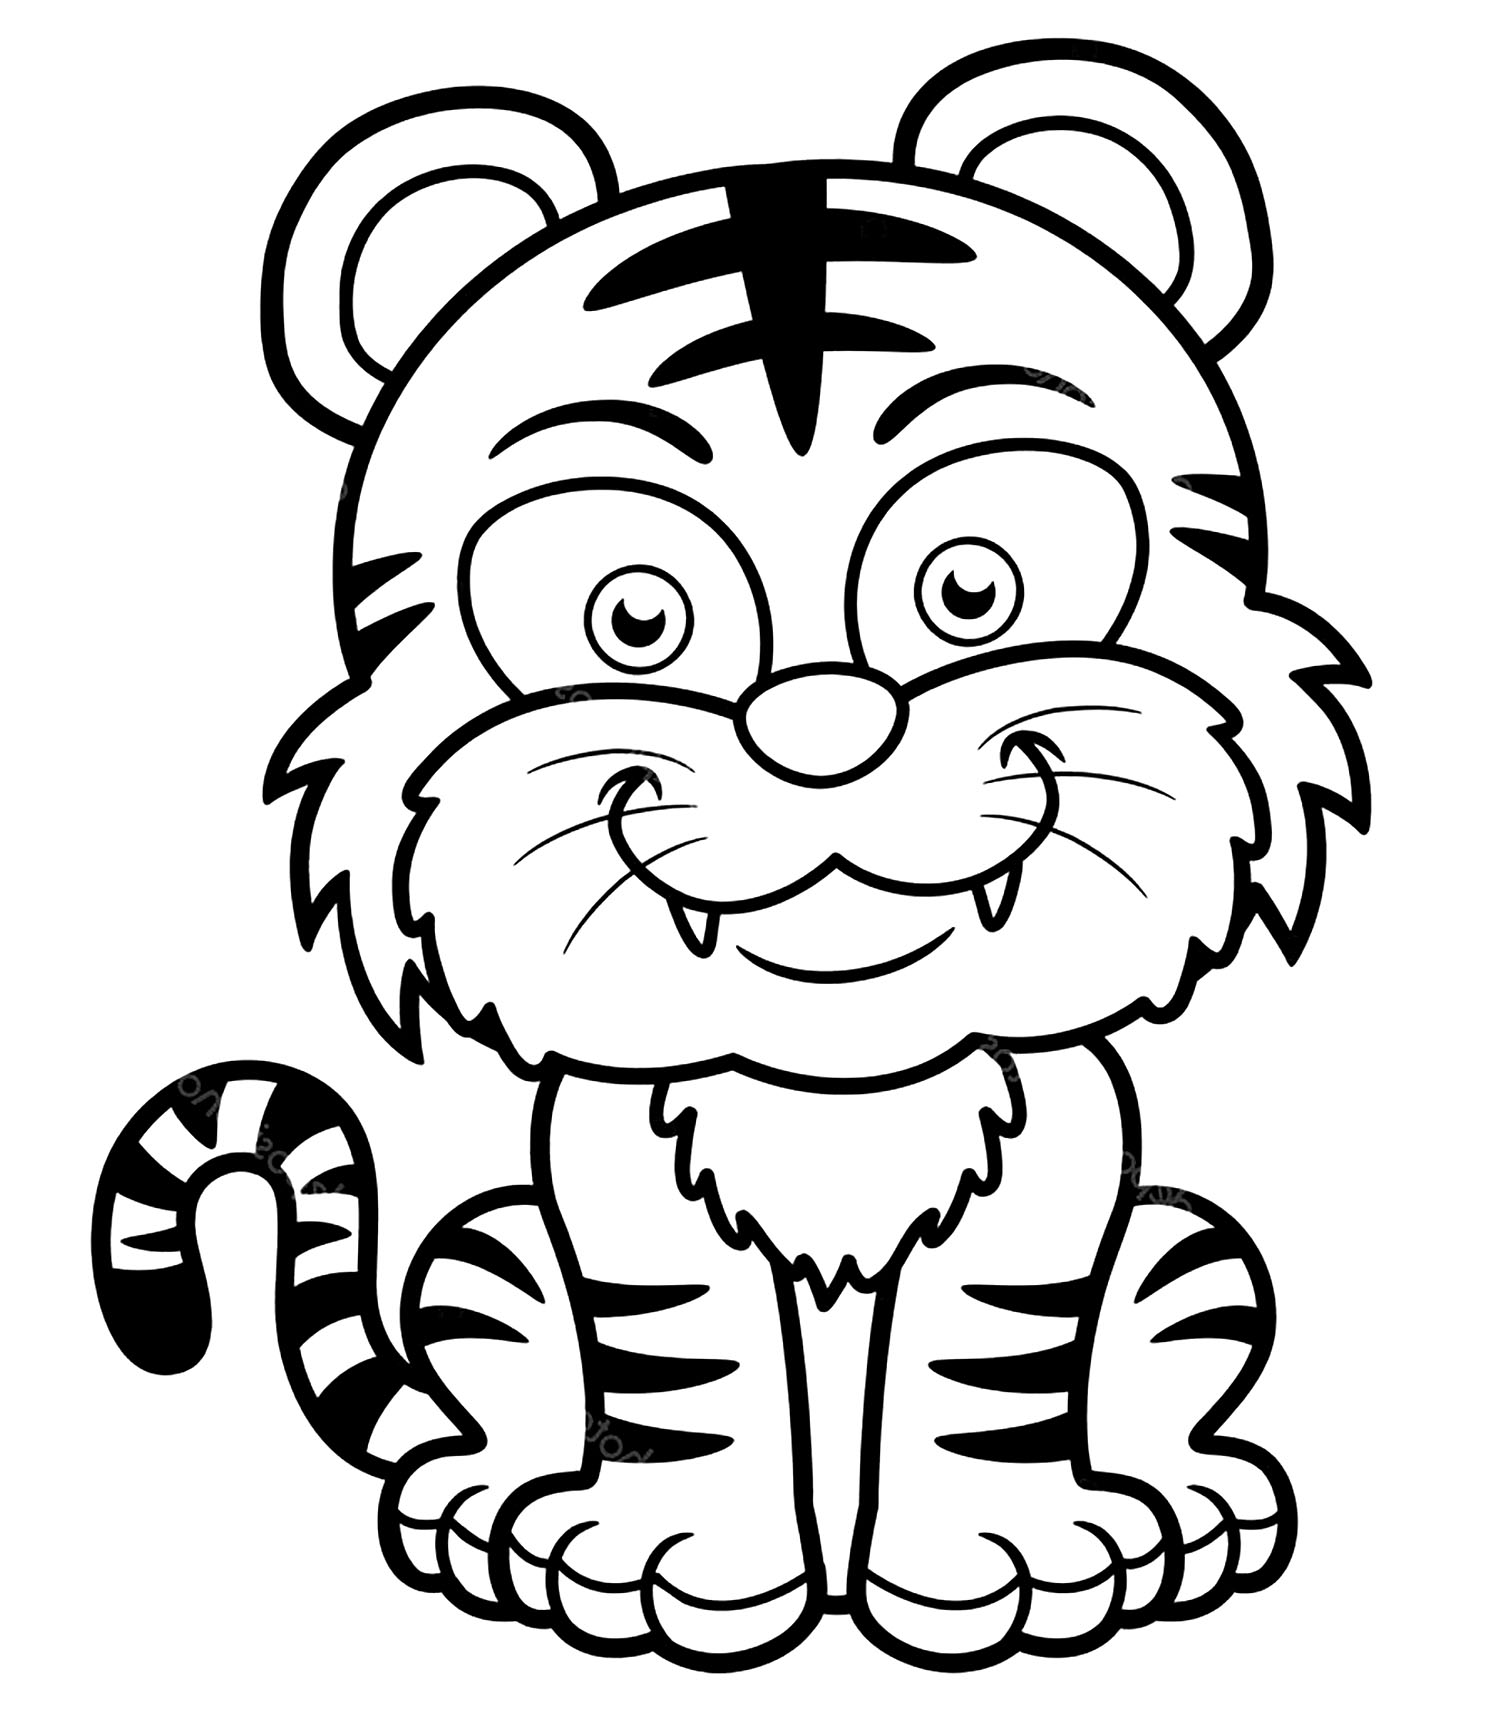 Coloriage De Tigre A Colorier Pour Enfants Coloriage De Tigres Coloriages Pour Enfants